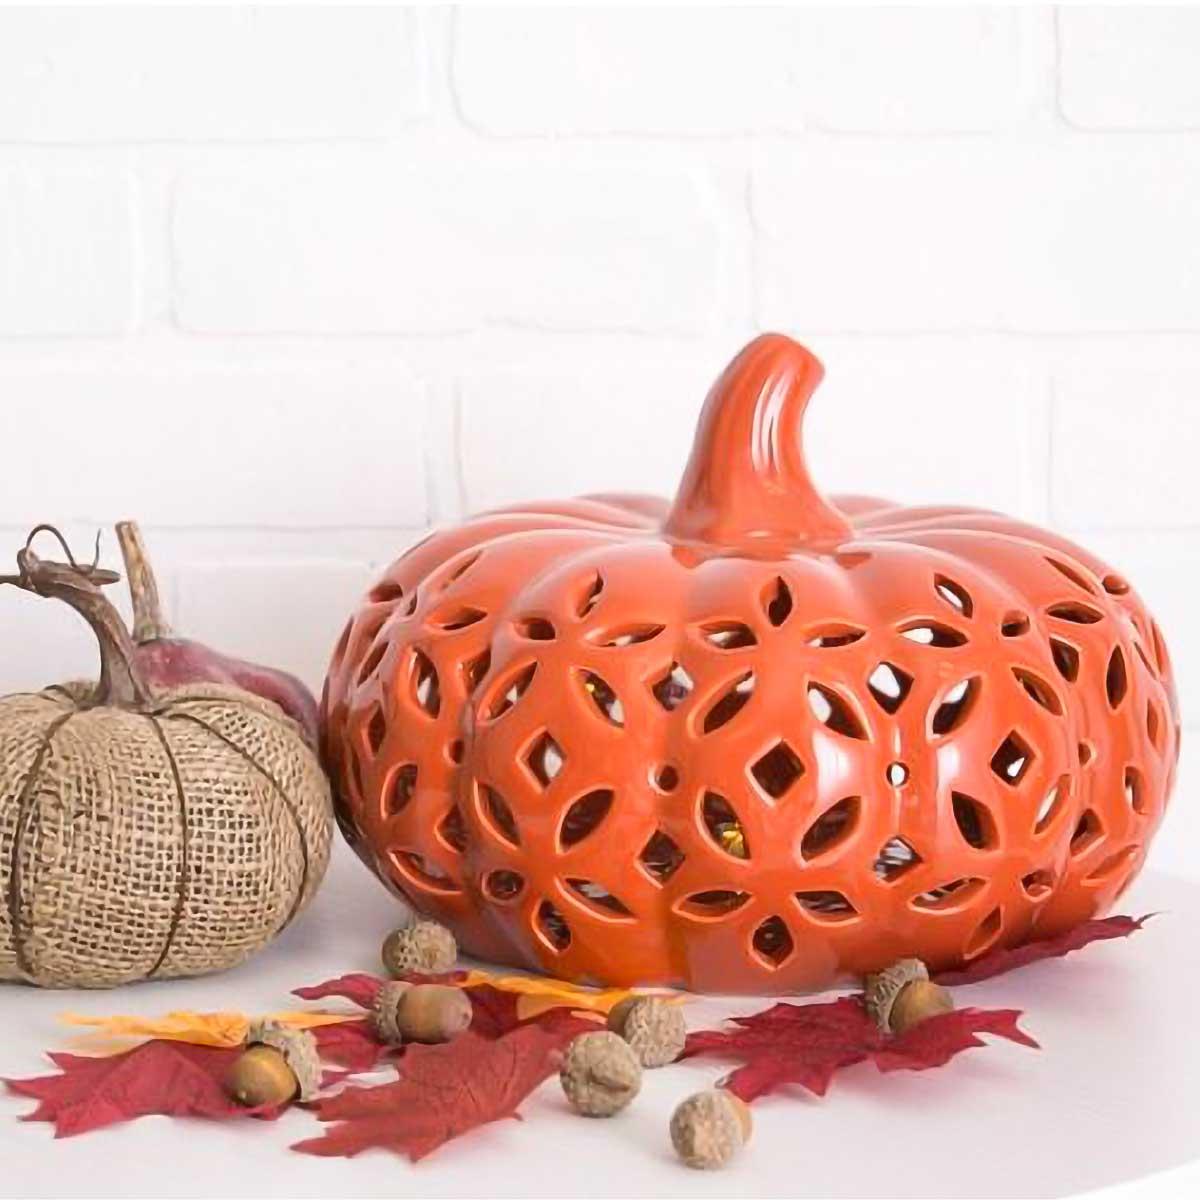 Orange Pumpkin Lantern with Nuts